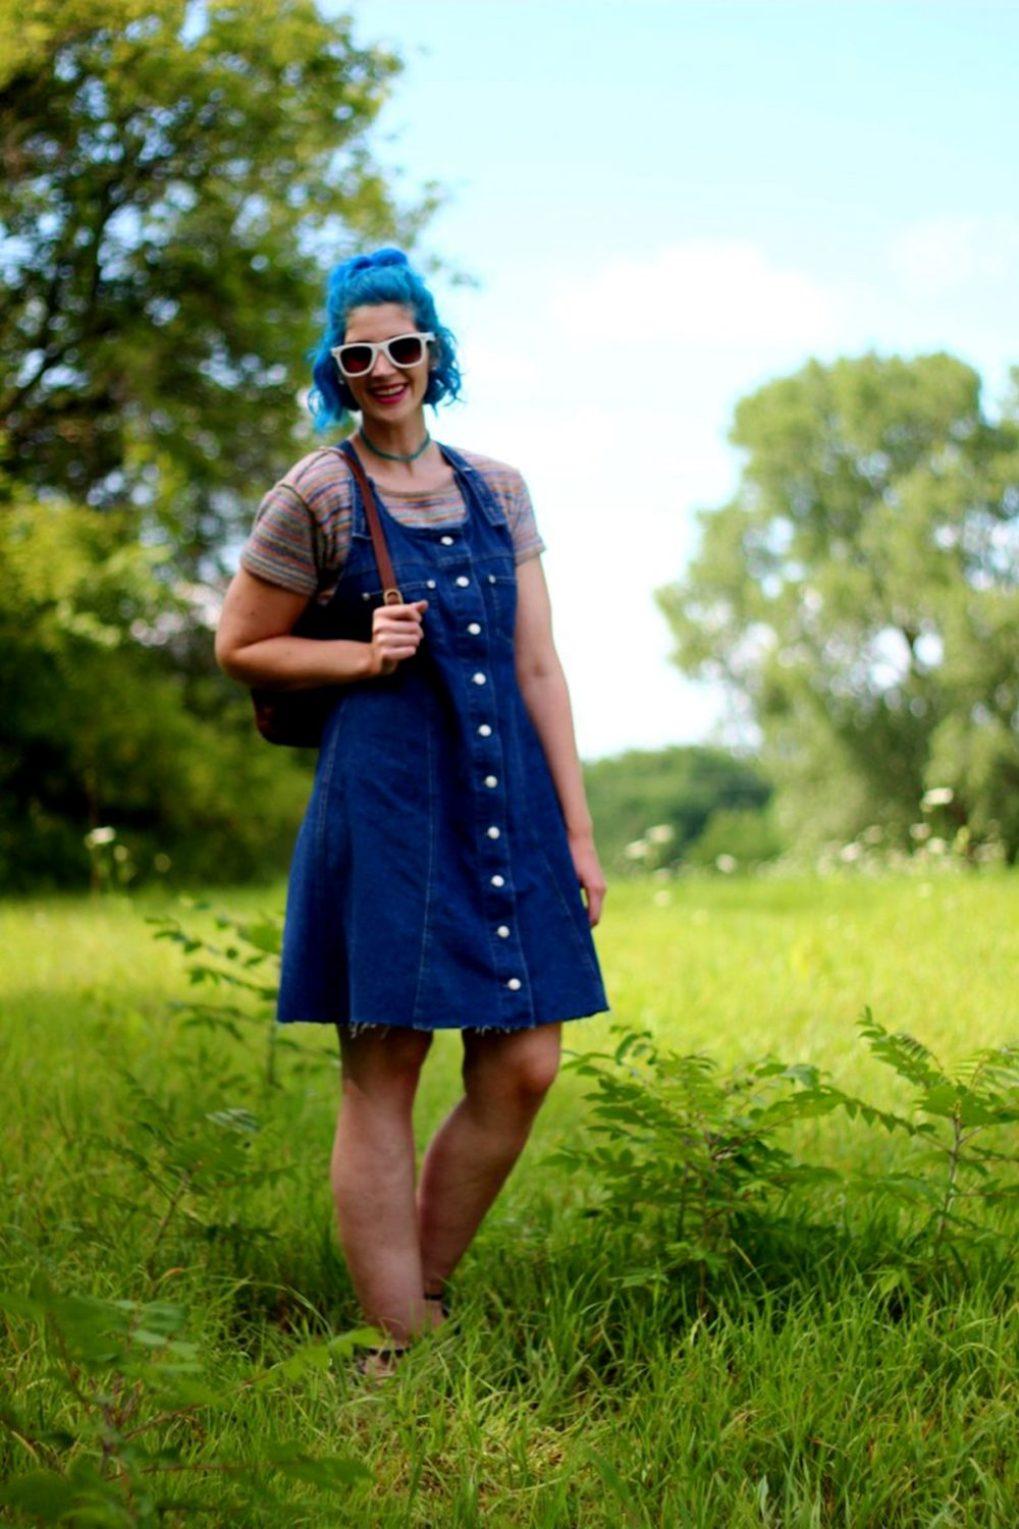 rainbow-crop-top-denim-jumper-blue-hair-outfit-02